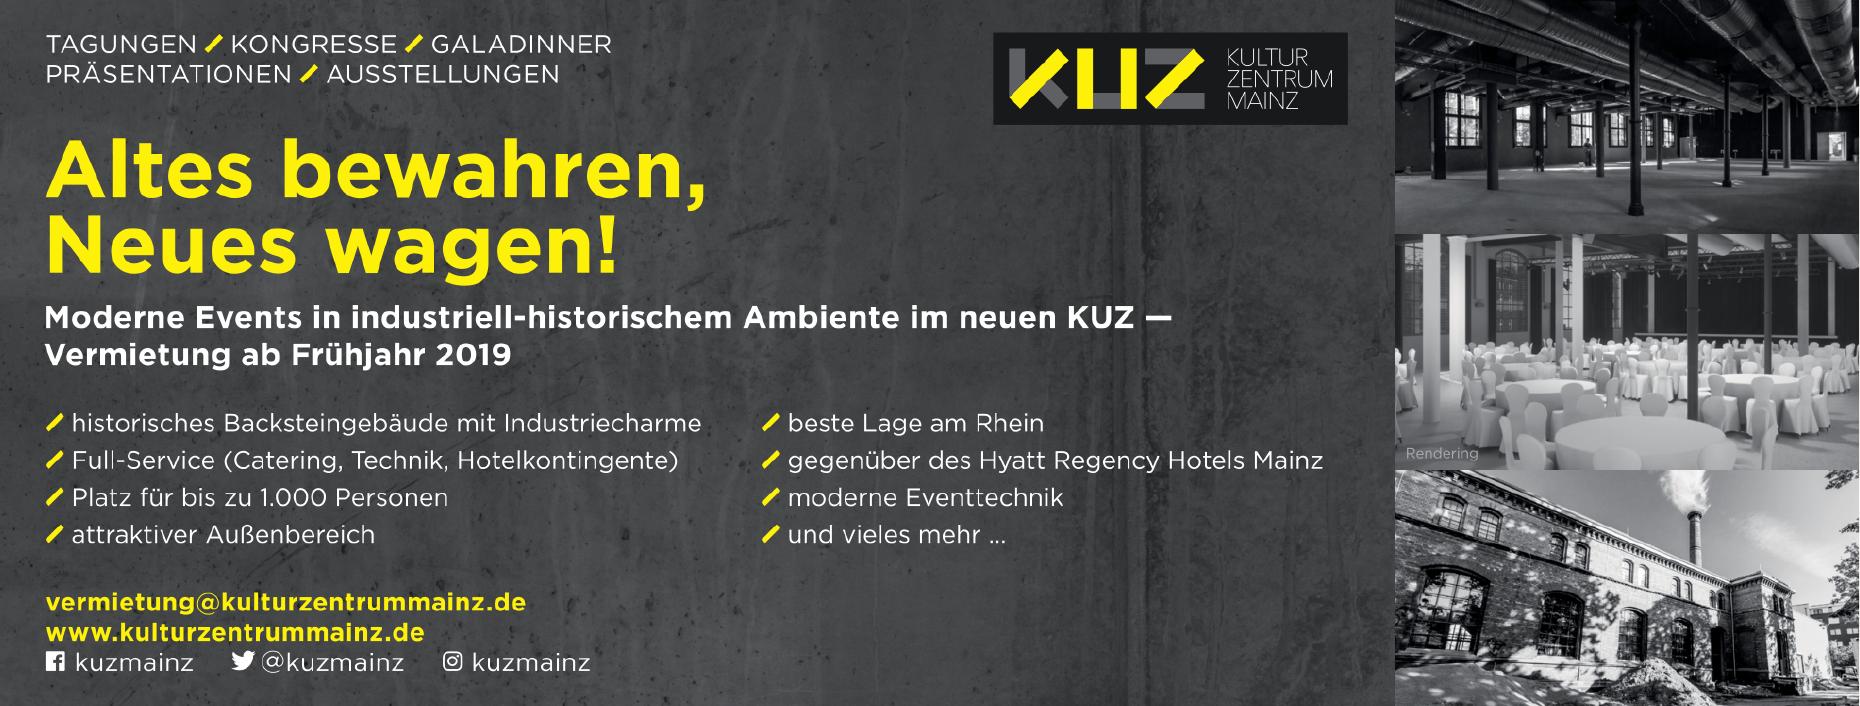 KUZ Kulturzentrum Mainz